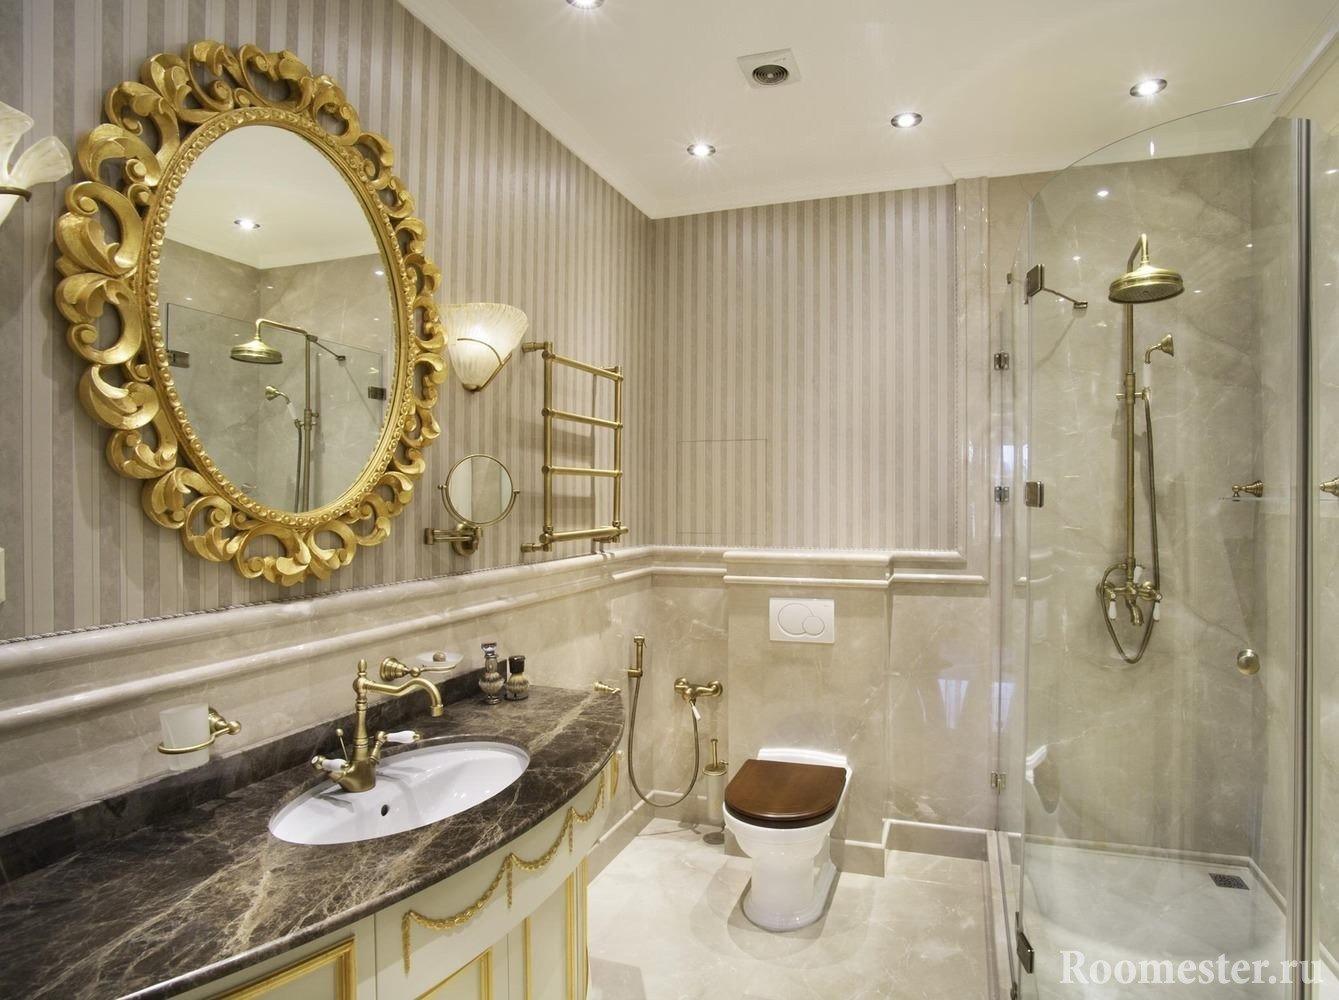 Ванная комната со стеклянной душевой кабиной